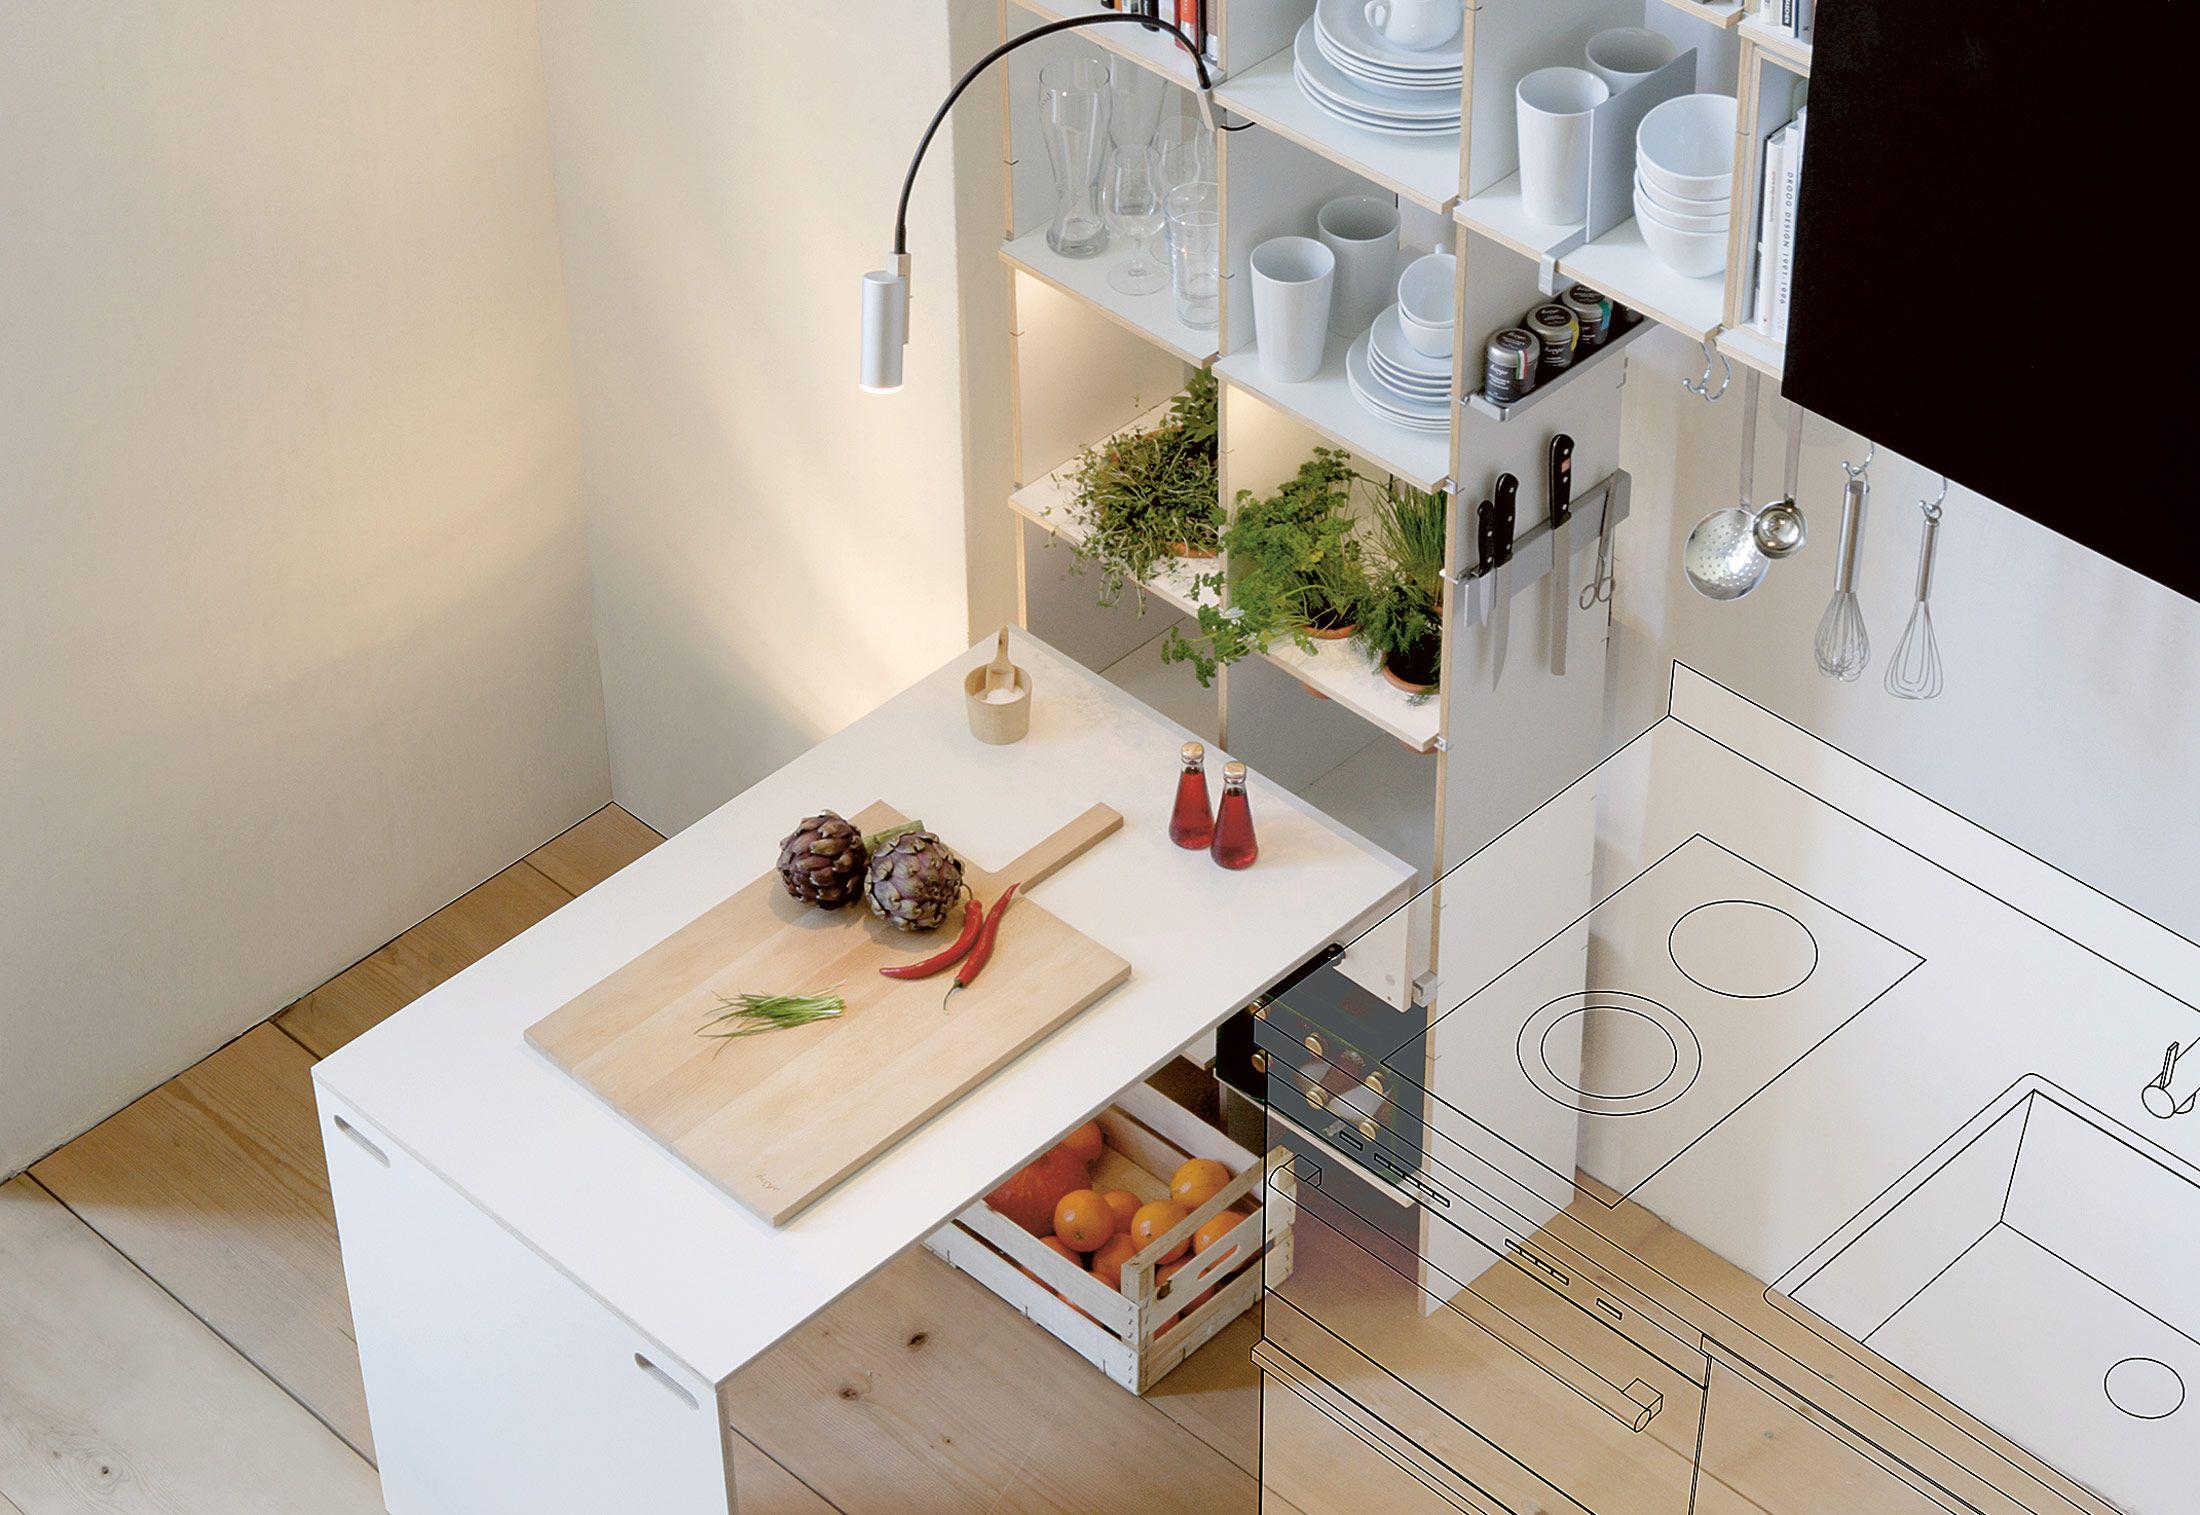 FNP Küche Von Nils Holger Moormann   Regalsysteme   Design Bei STYLEPARK